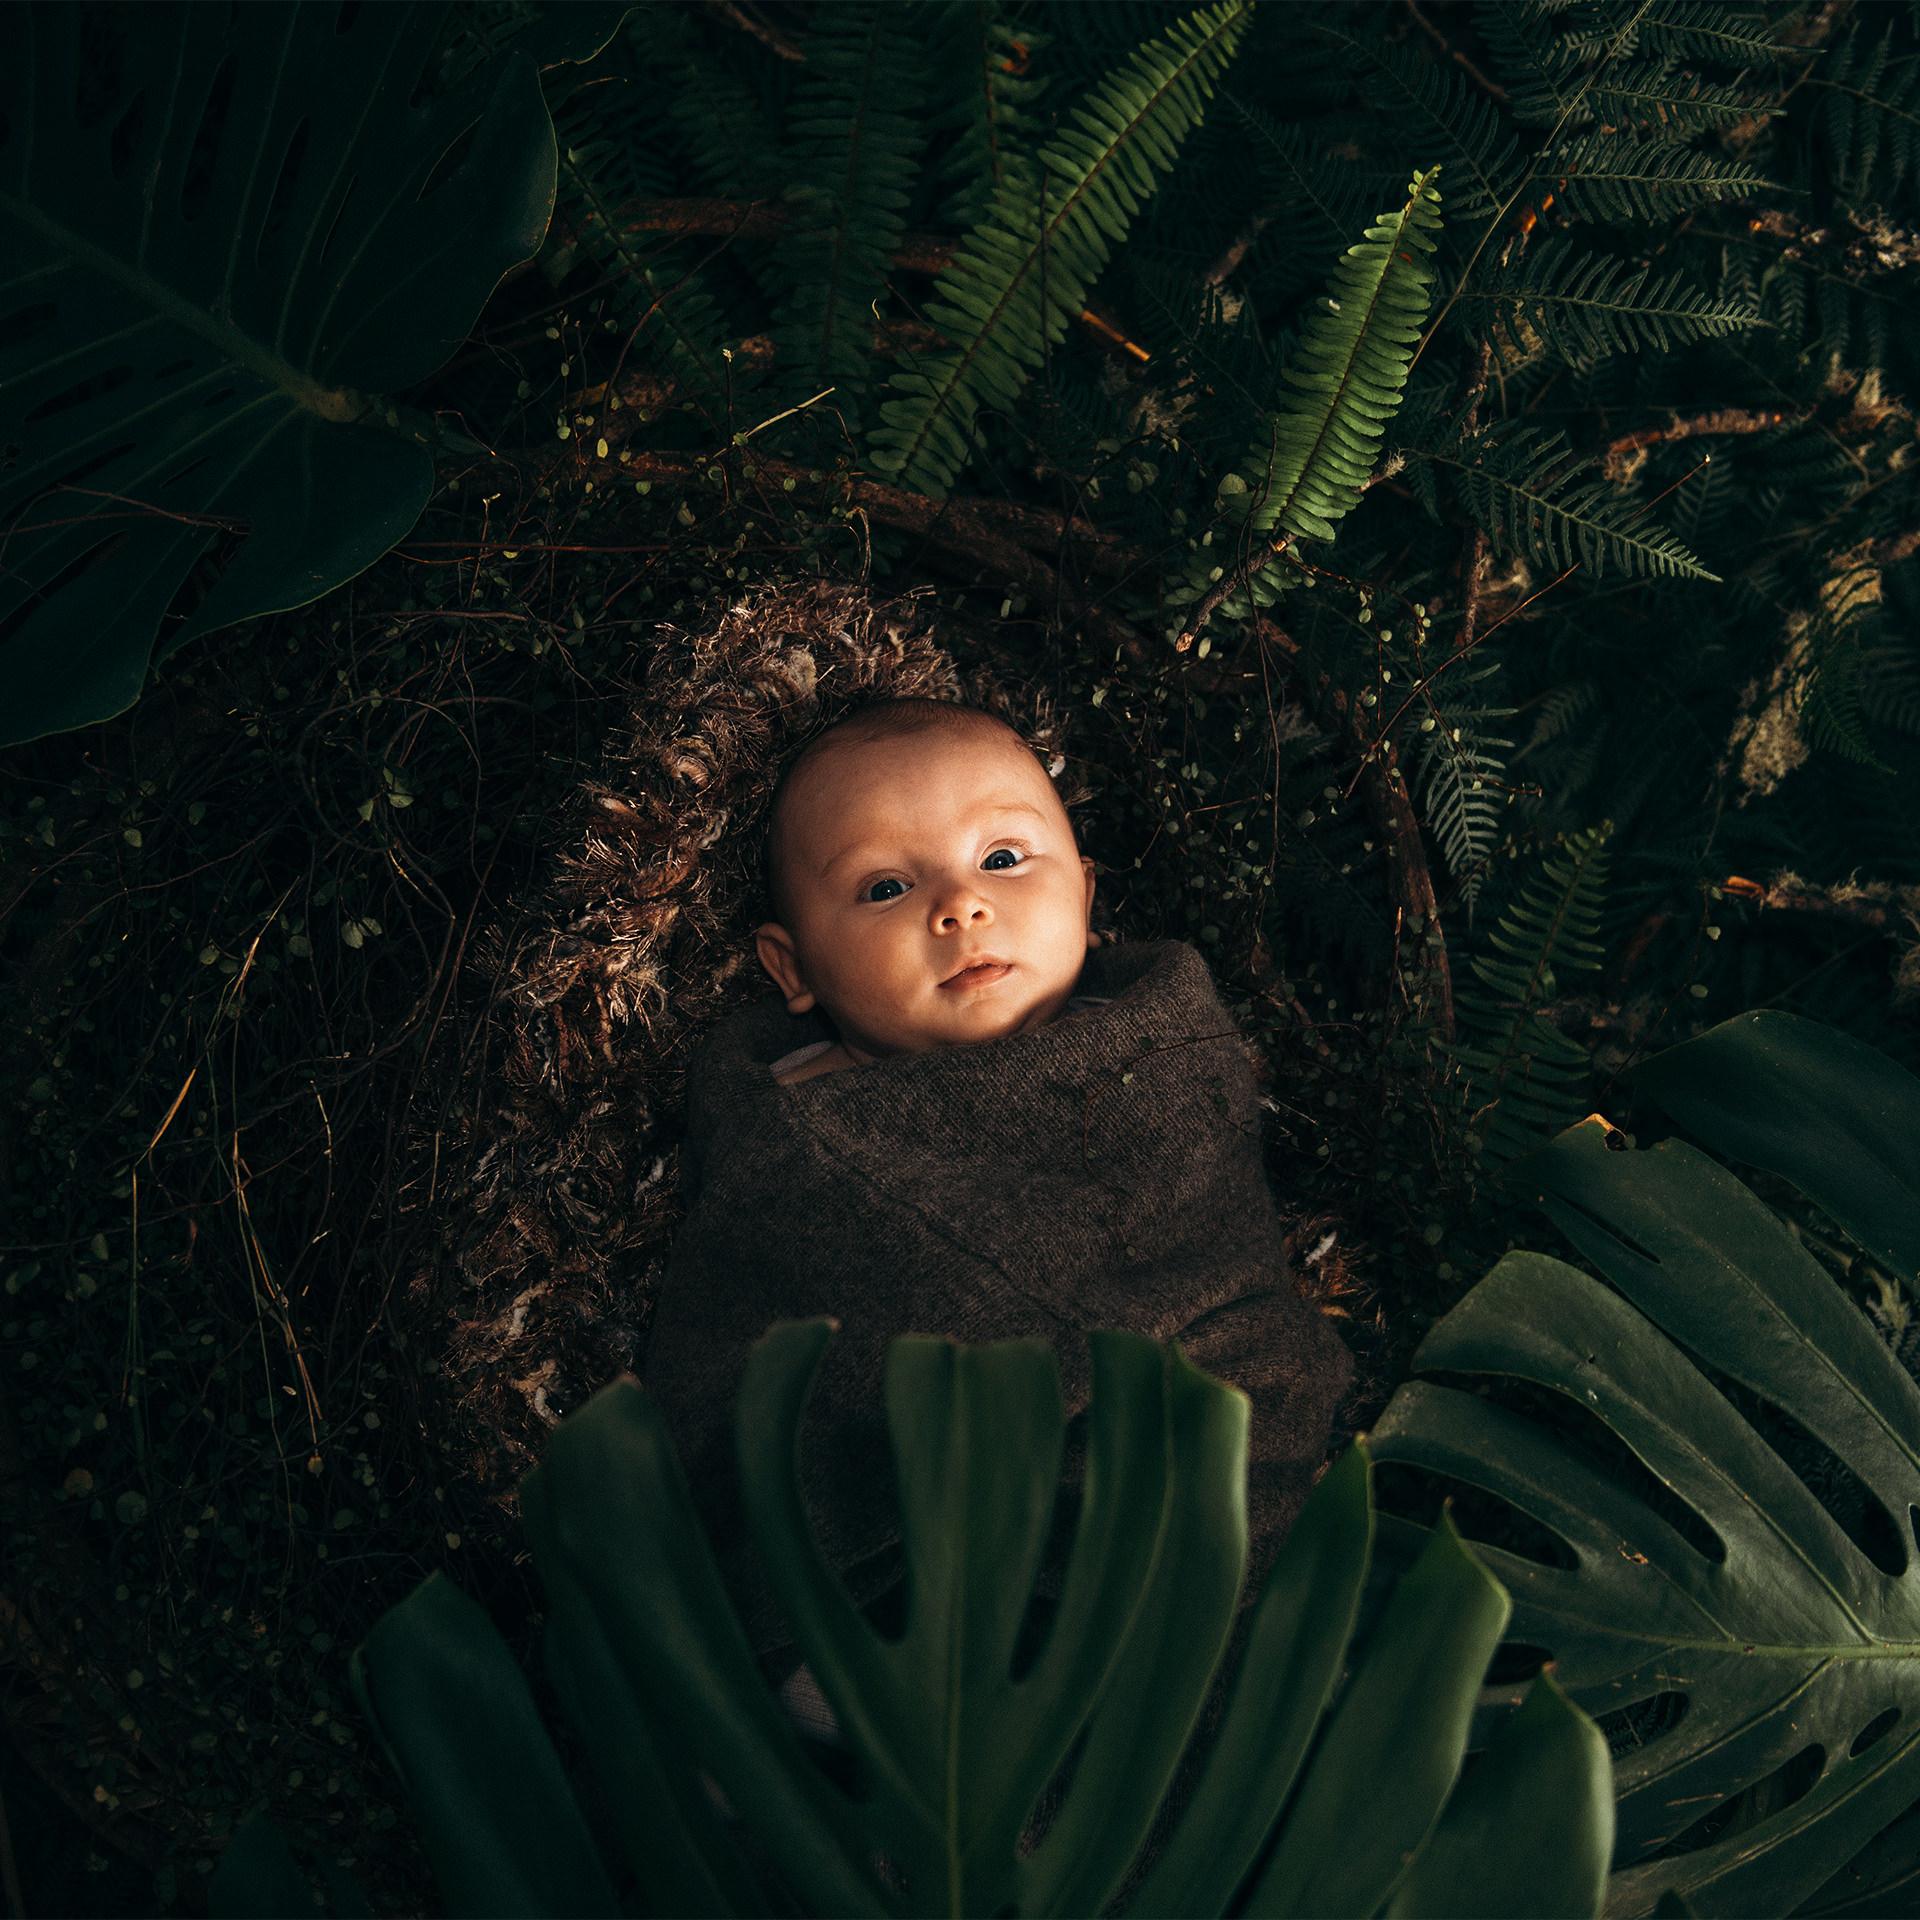 Wildling Newborn Nature Photoshoot The Wildling Club.jpg